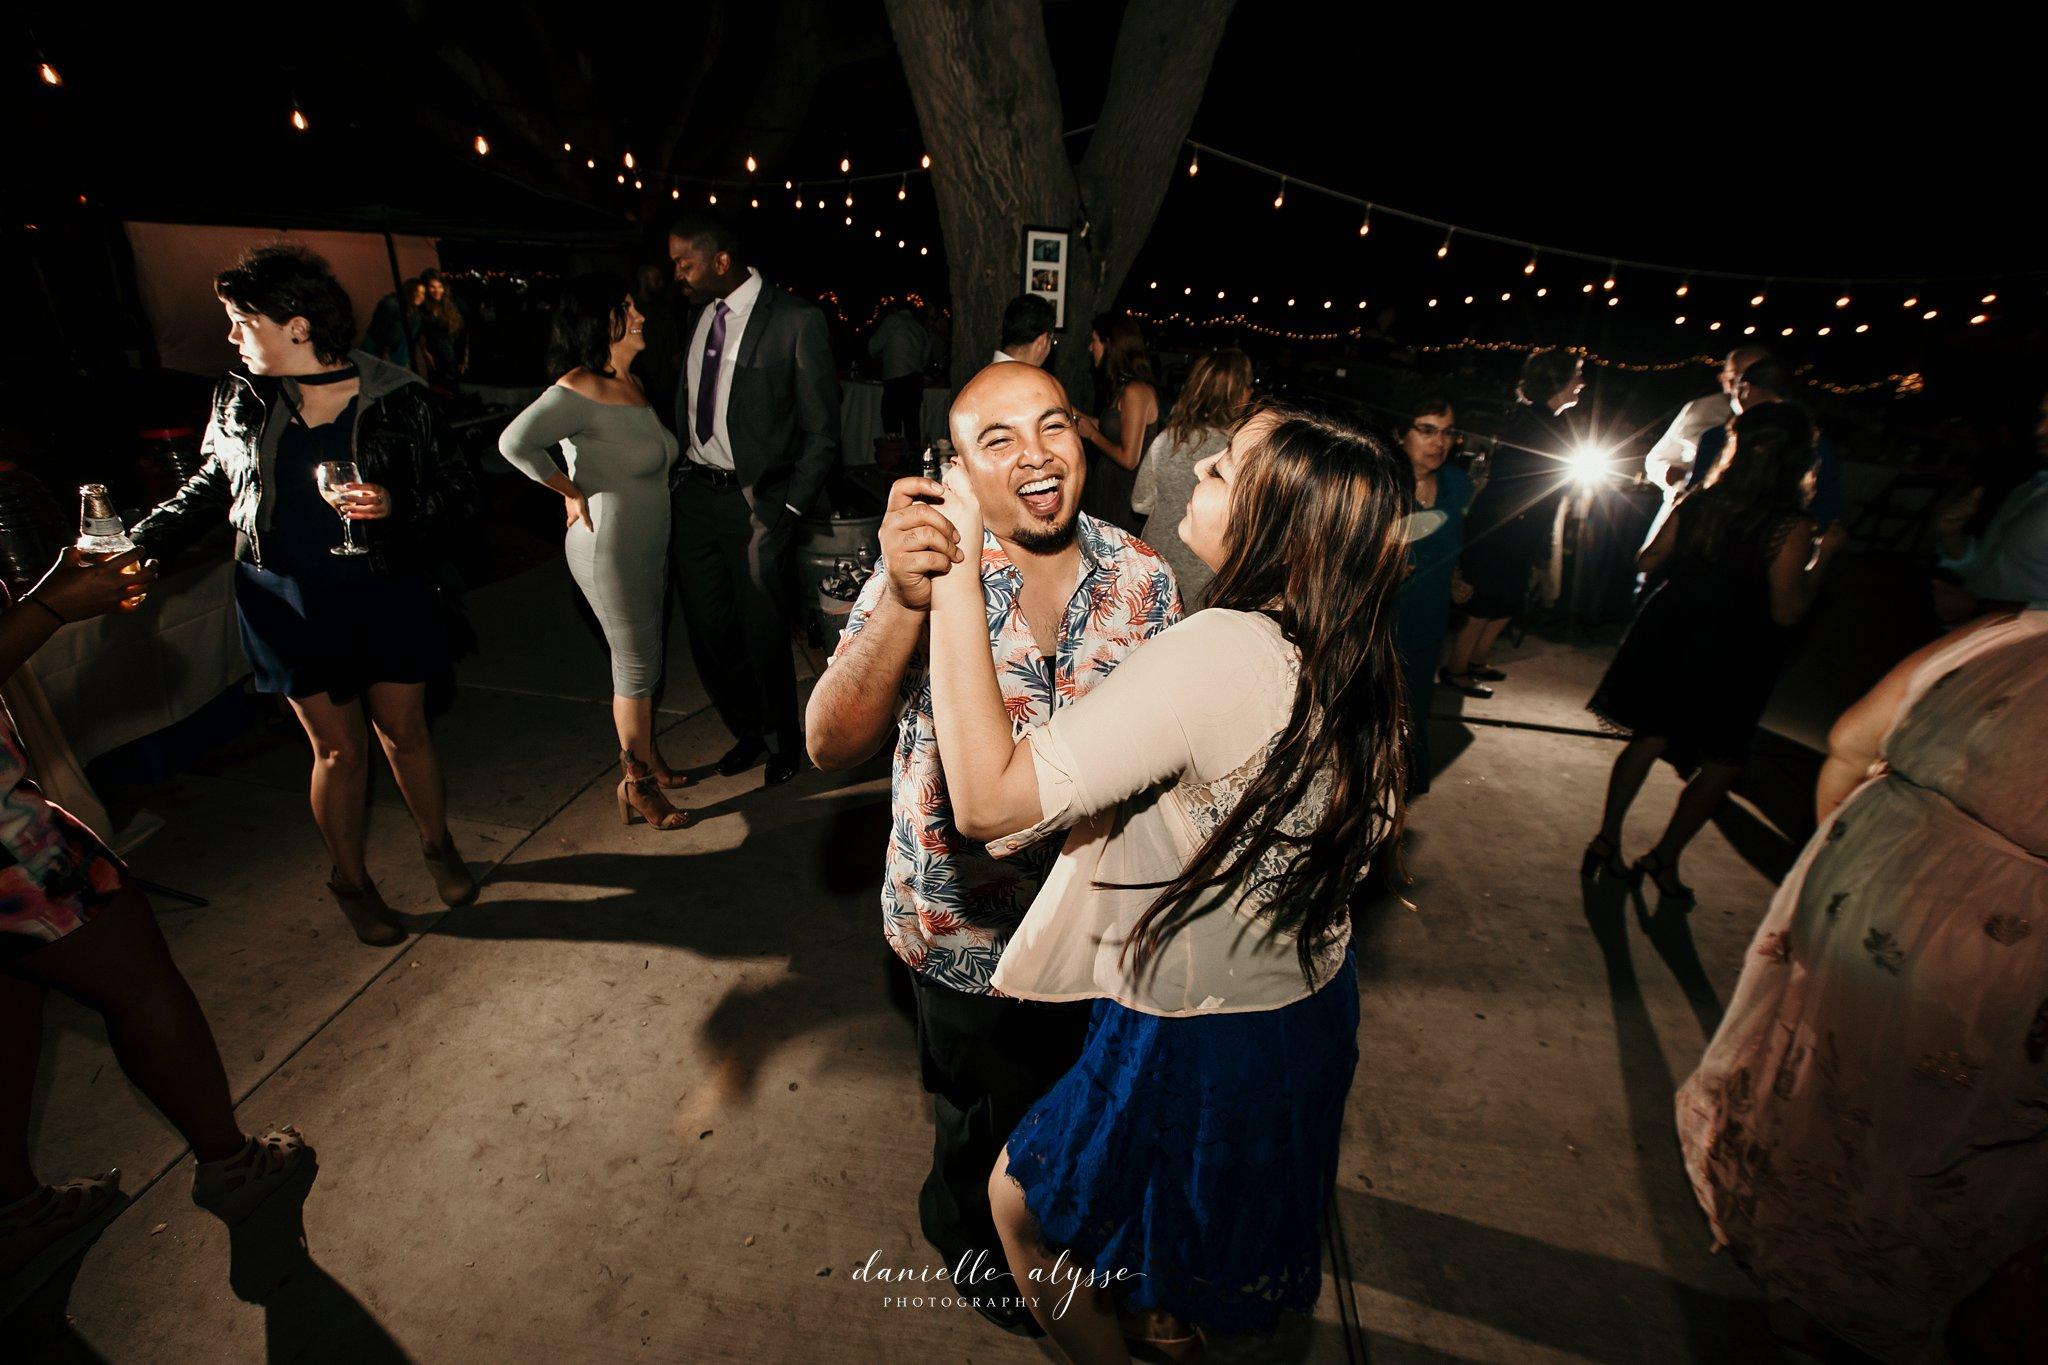 180630_wedding_lily_ryan_mission_soledad_california_danielle_alysse_photography_blog_1302_WEB.jpg